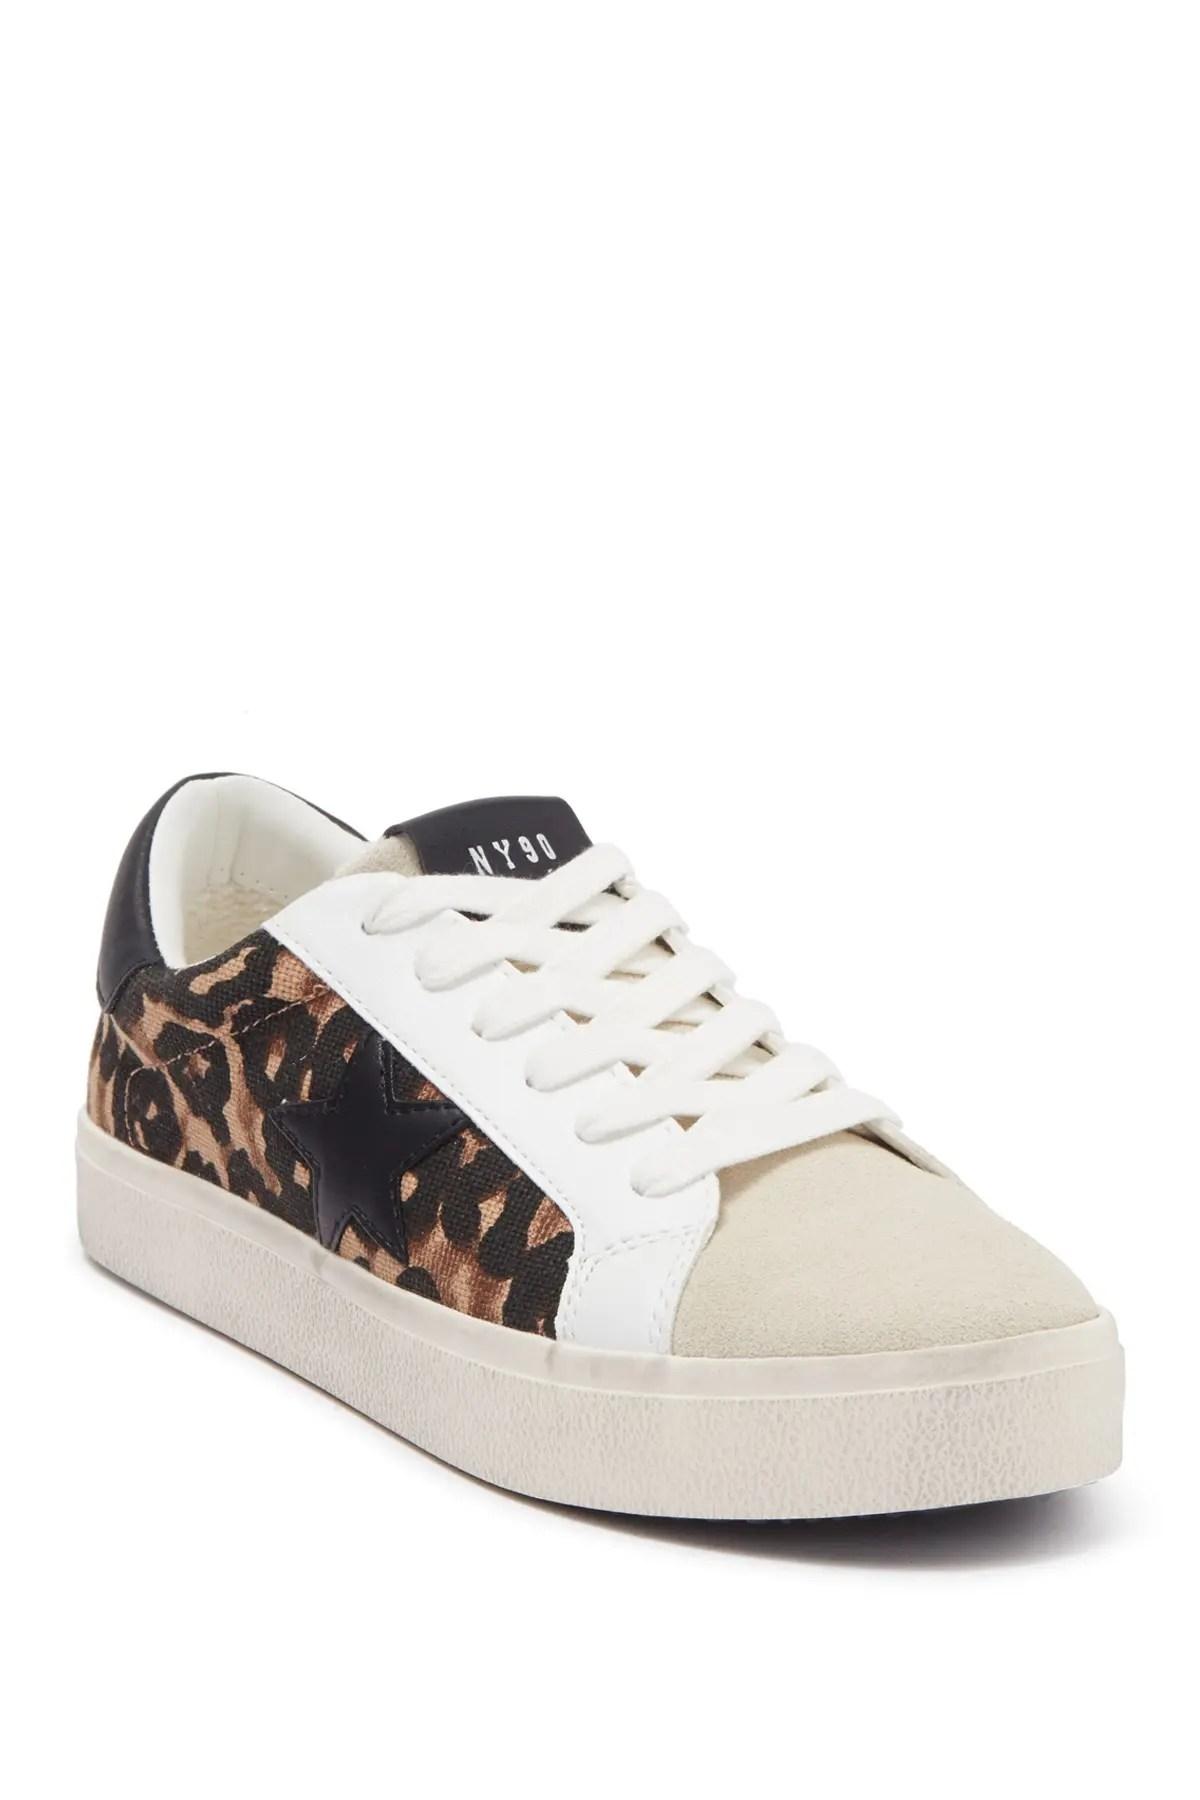 steve madden sneakers for women